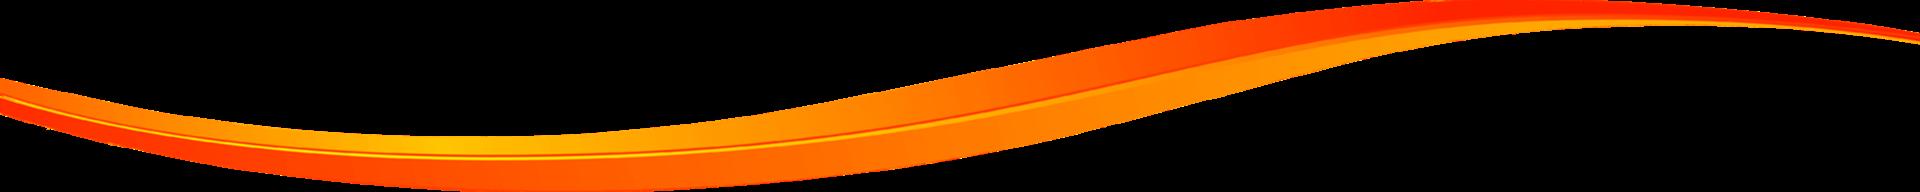 orange divider